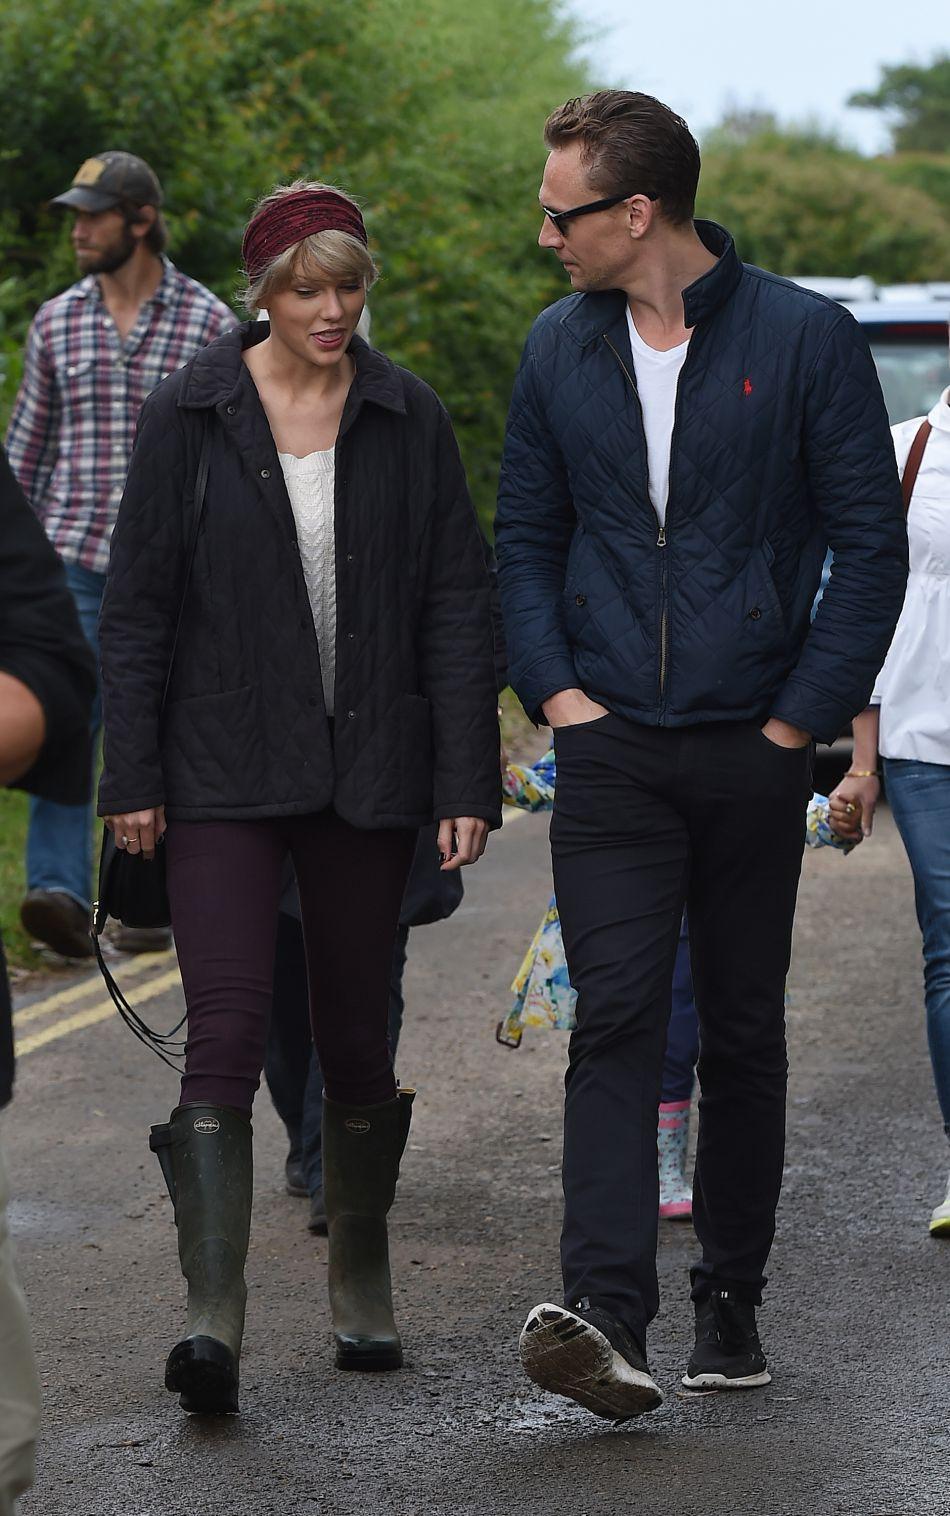 Tom Hiddleston, le petit ami de Taylor Swift, était également présent lors de ce week-end.